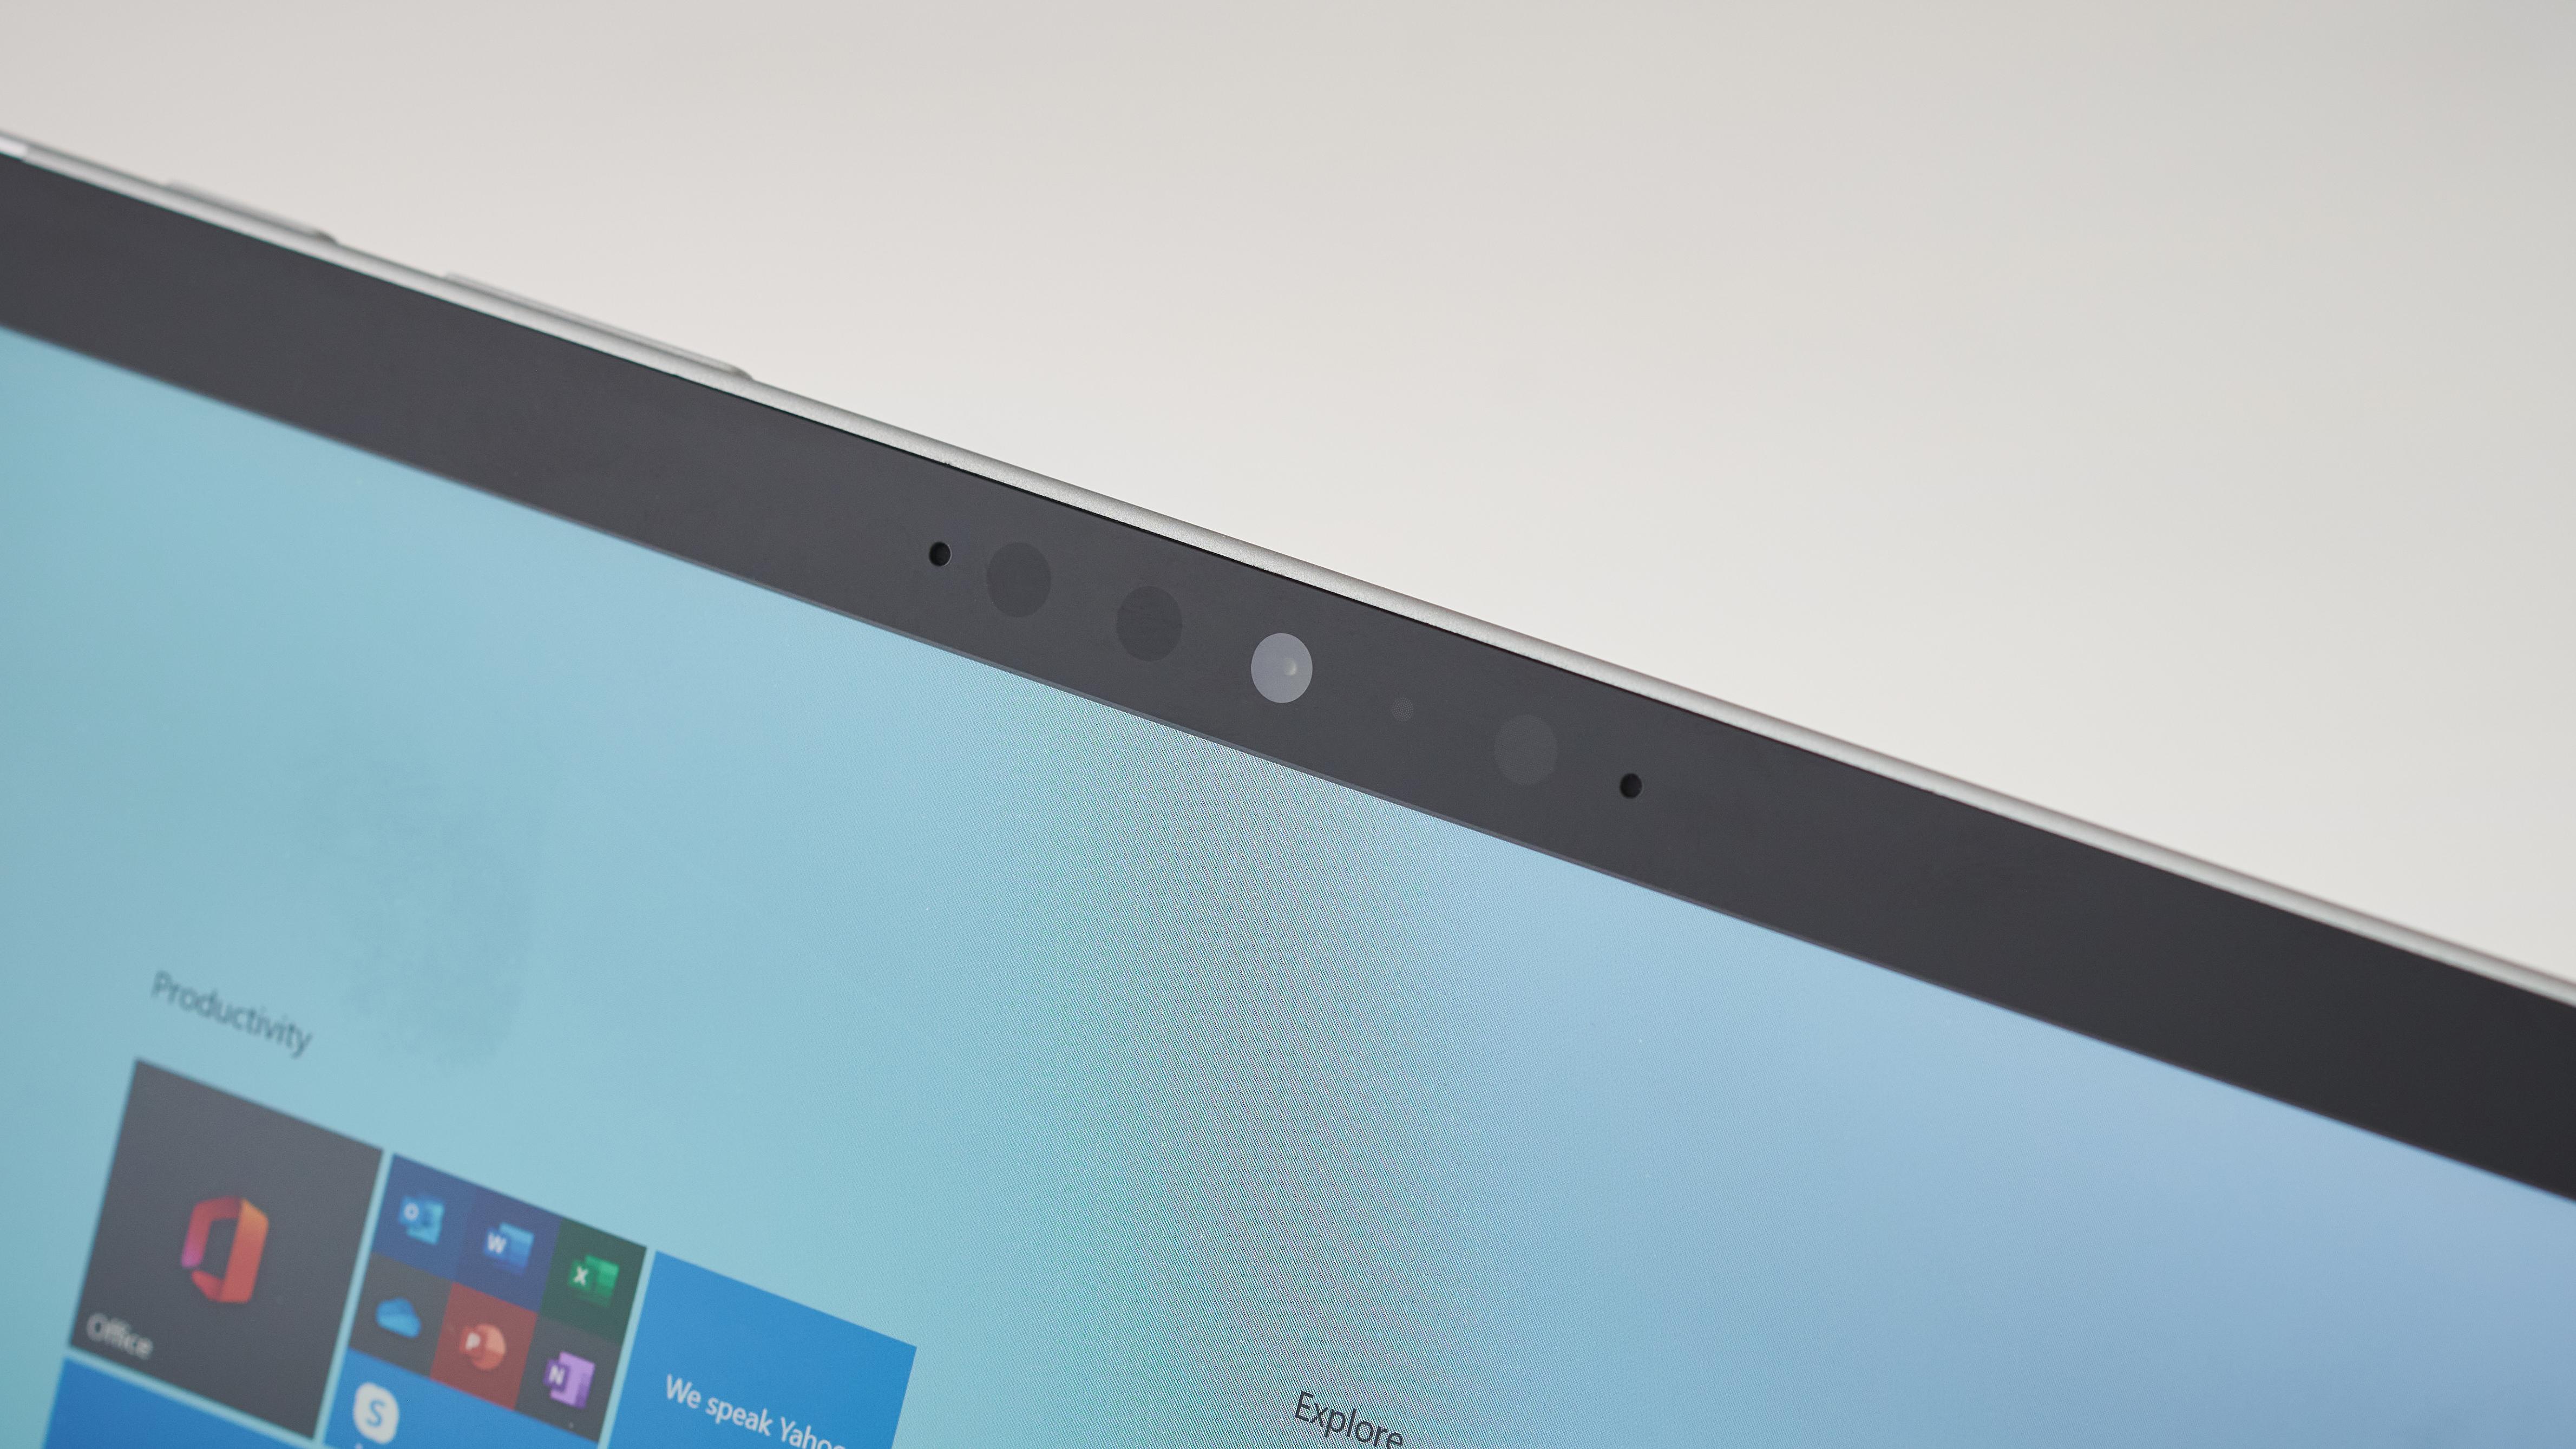 Marcos de pantalla y cámara Microsoft Surface Go 2